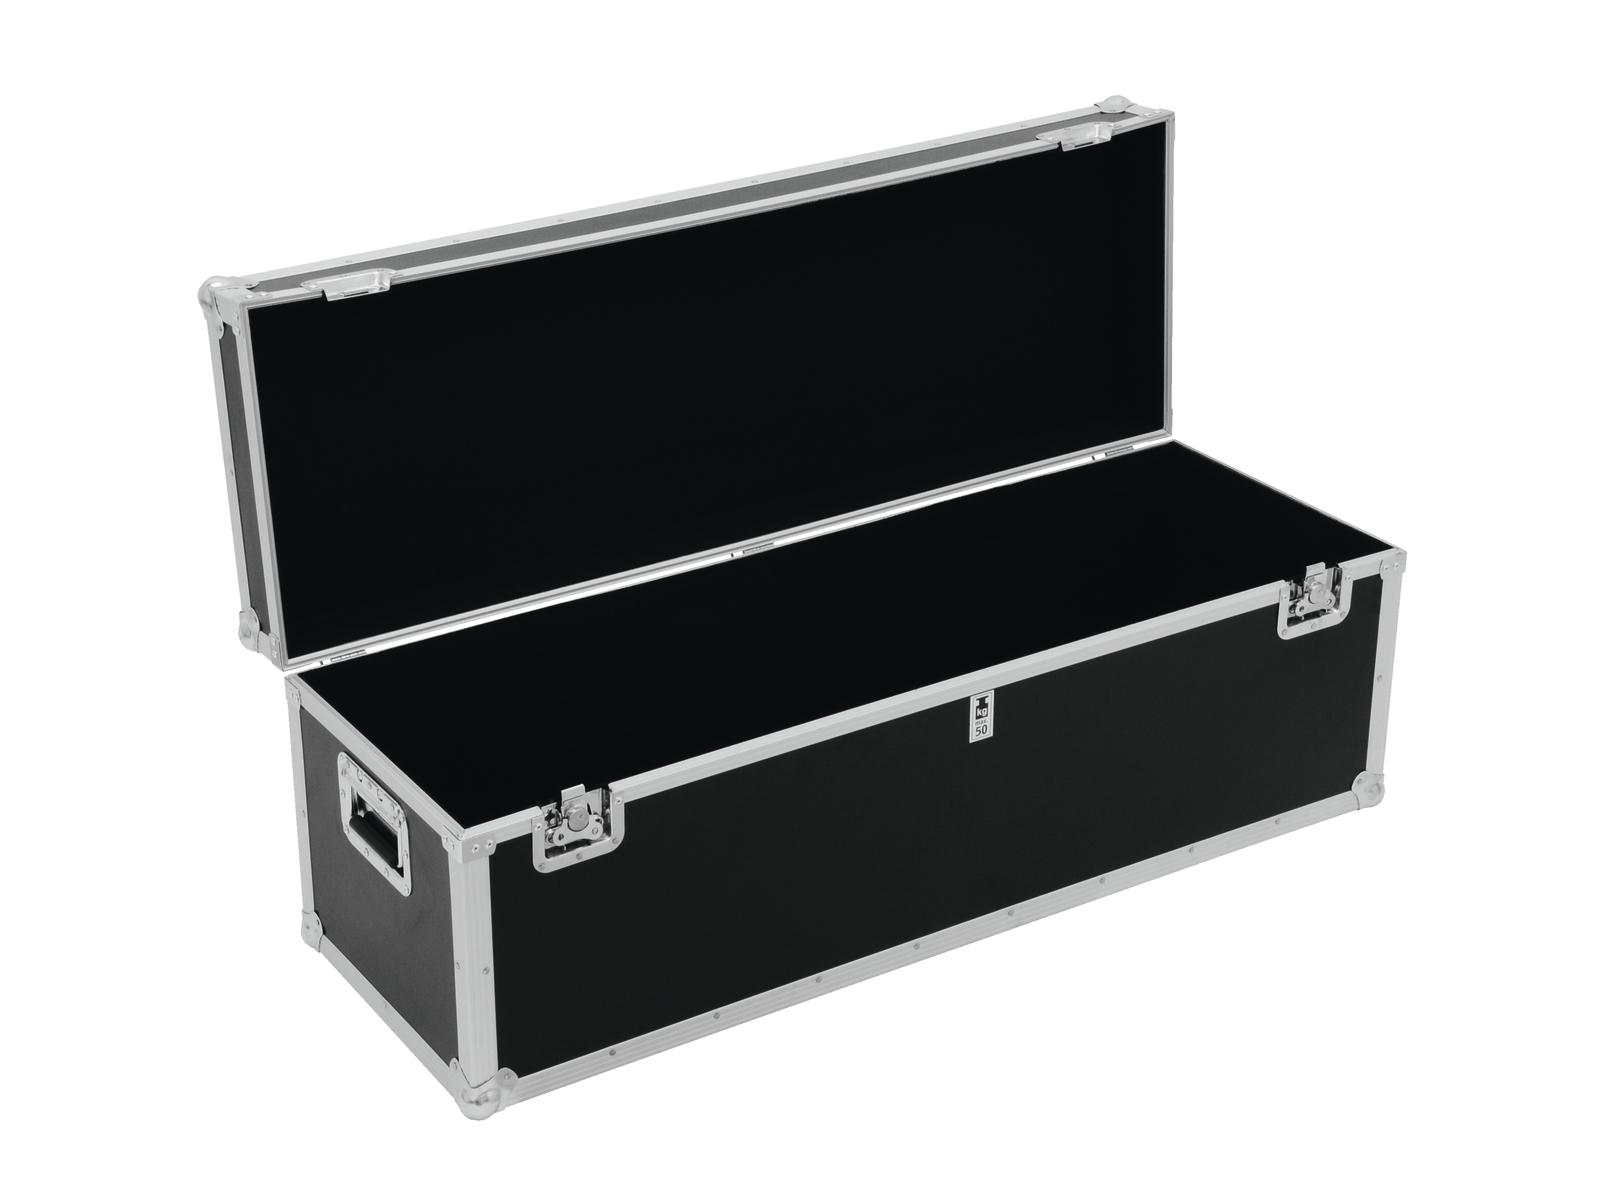 Univerzální transportní Case, 1200 x 400 x 430 mm, 7 mm